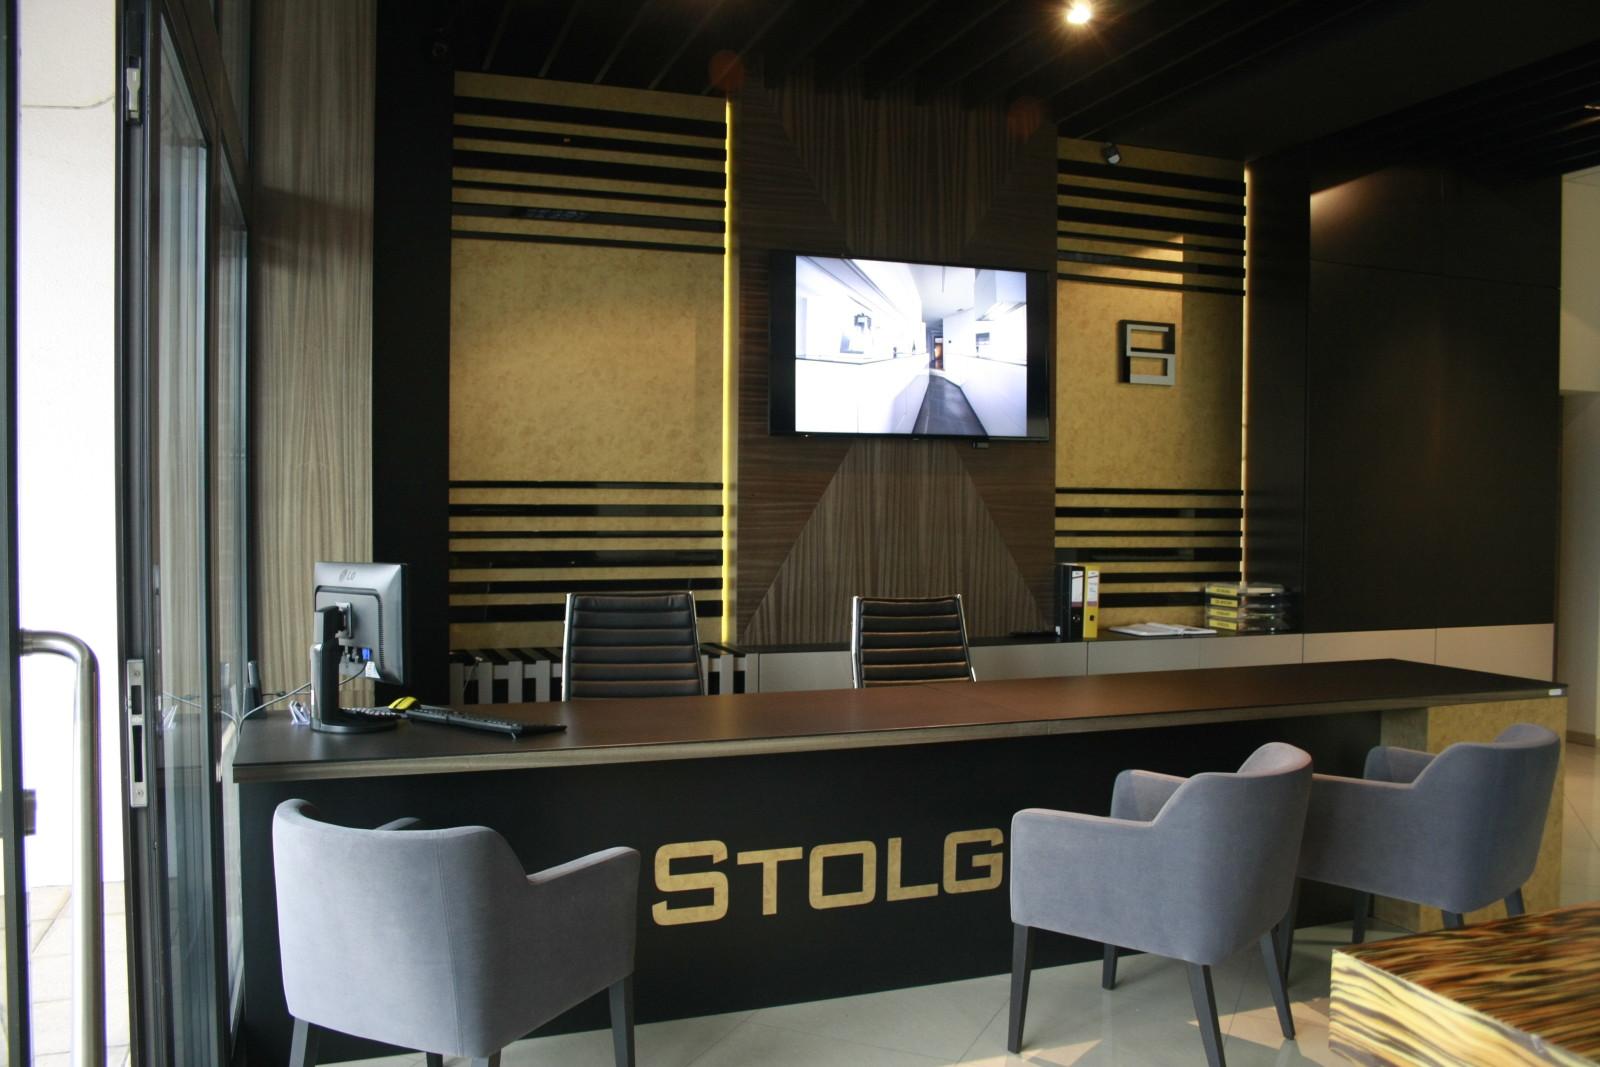 stolgro_salon 011